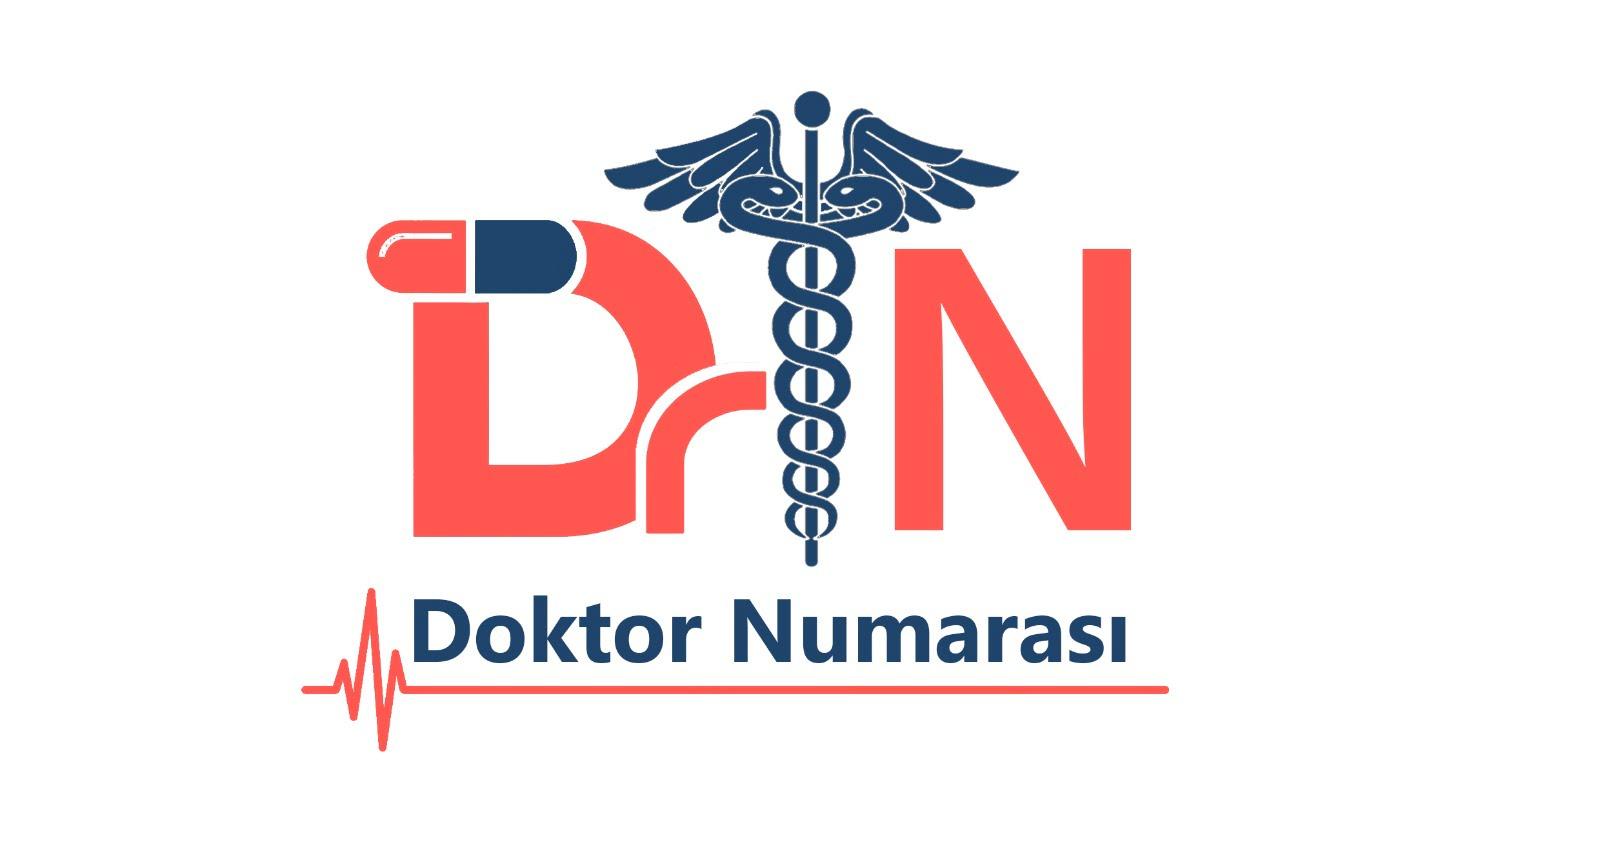 Doktor Numaraları - Hastane Numaraları - Doktornumarasi.com